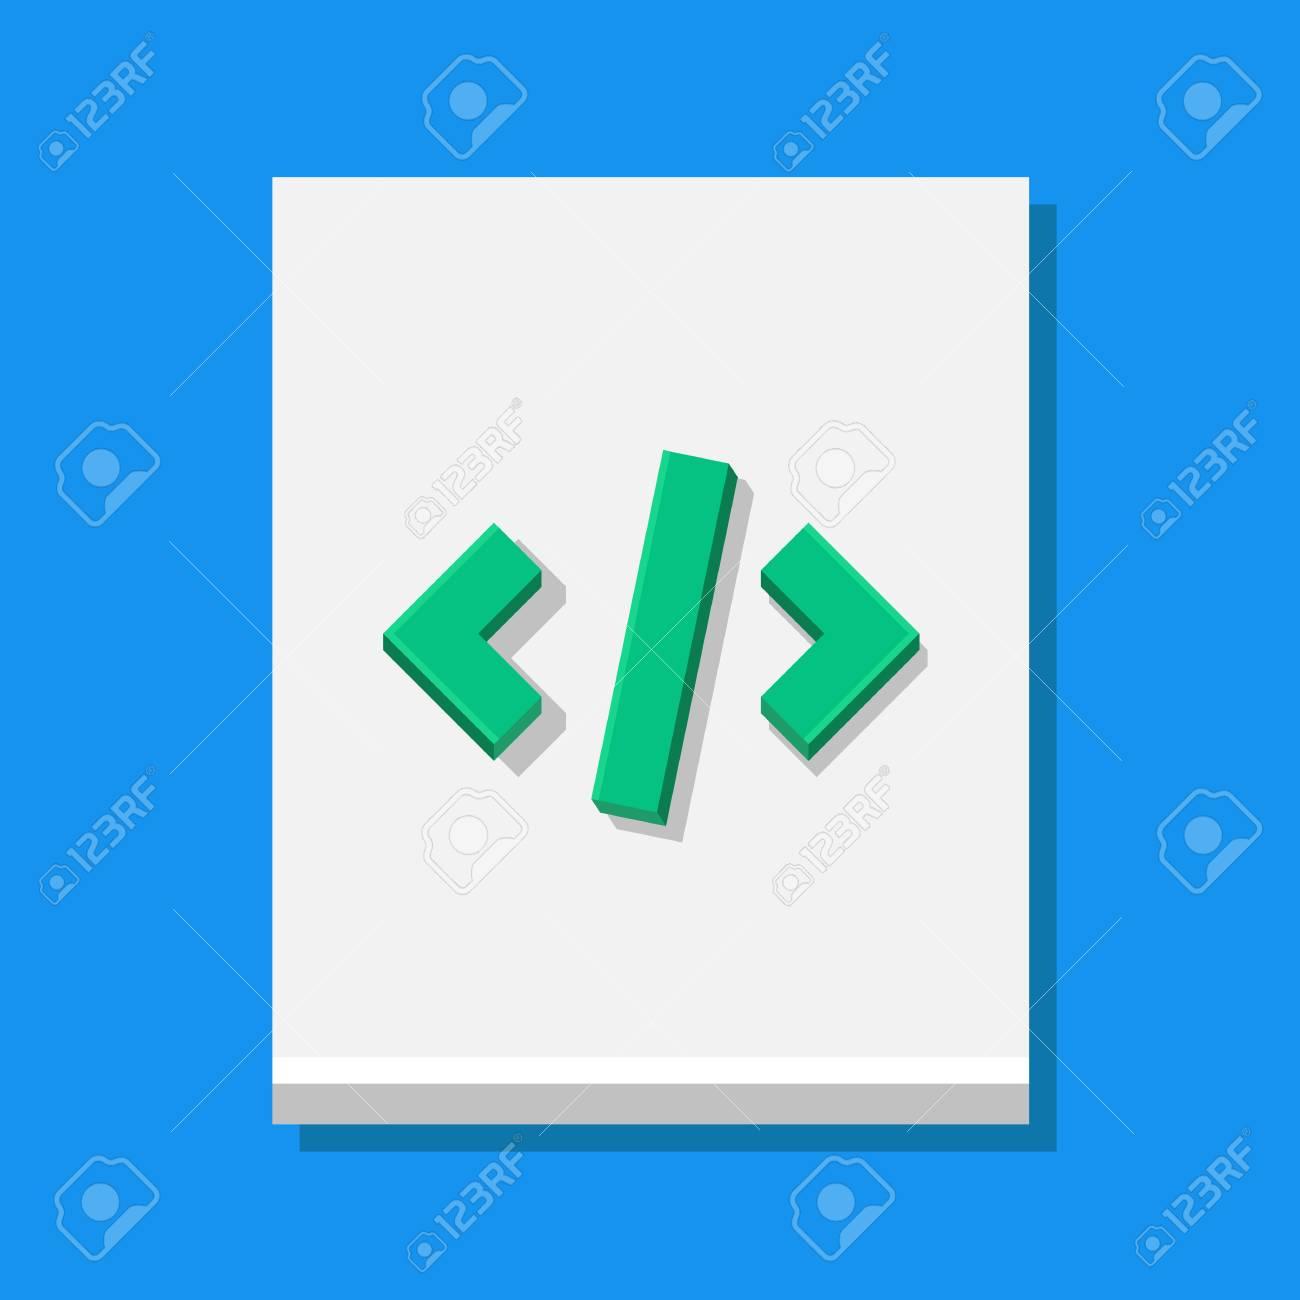 Vector Code Sheet Icon Stock Vector - 23971786